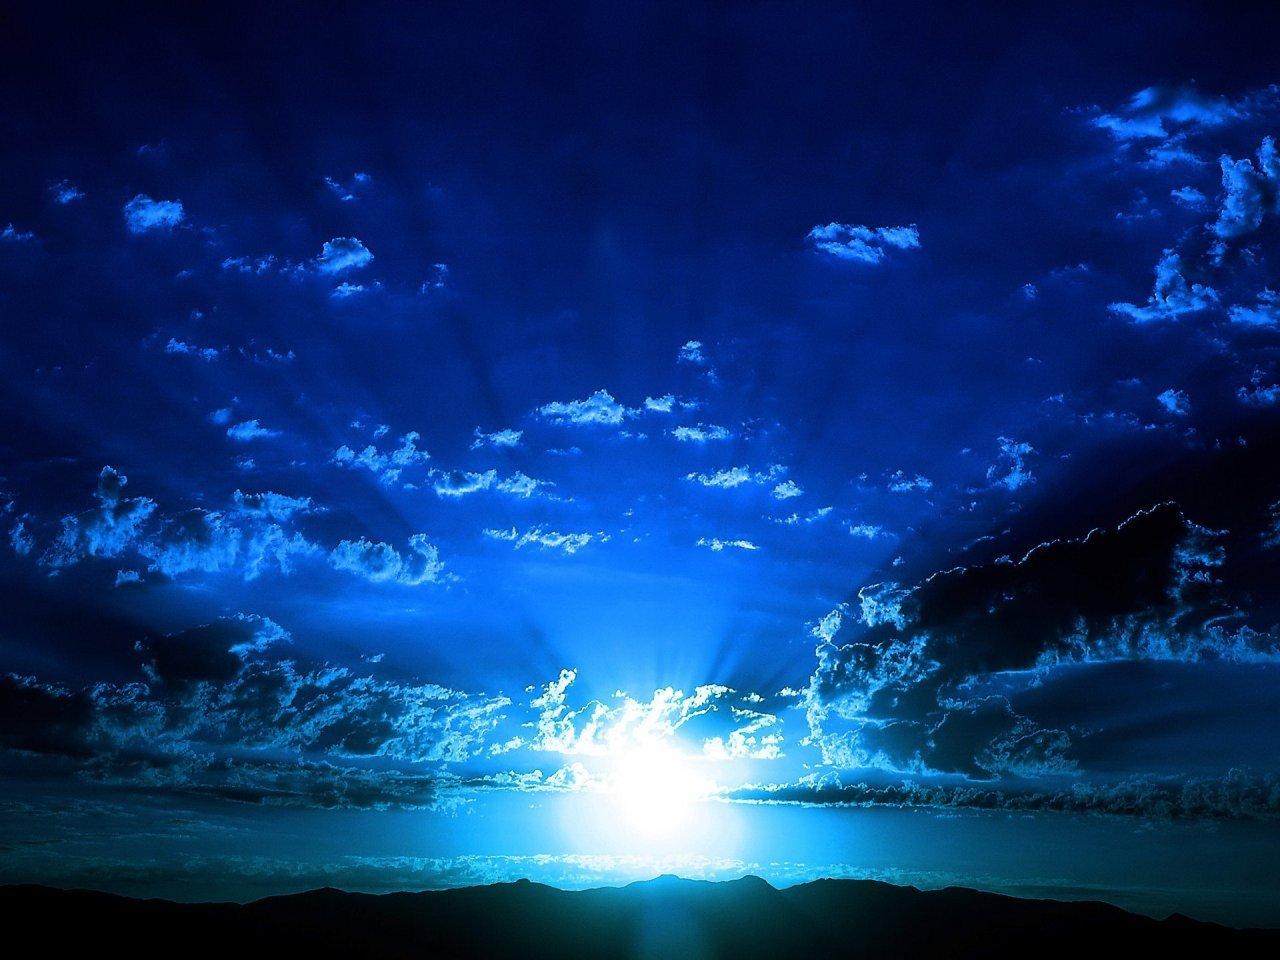 10935 скачать обои Пейзаж, Небо, Солнце, Облака - заставки и картинки бесплатно